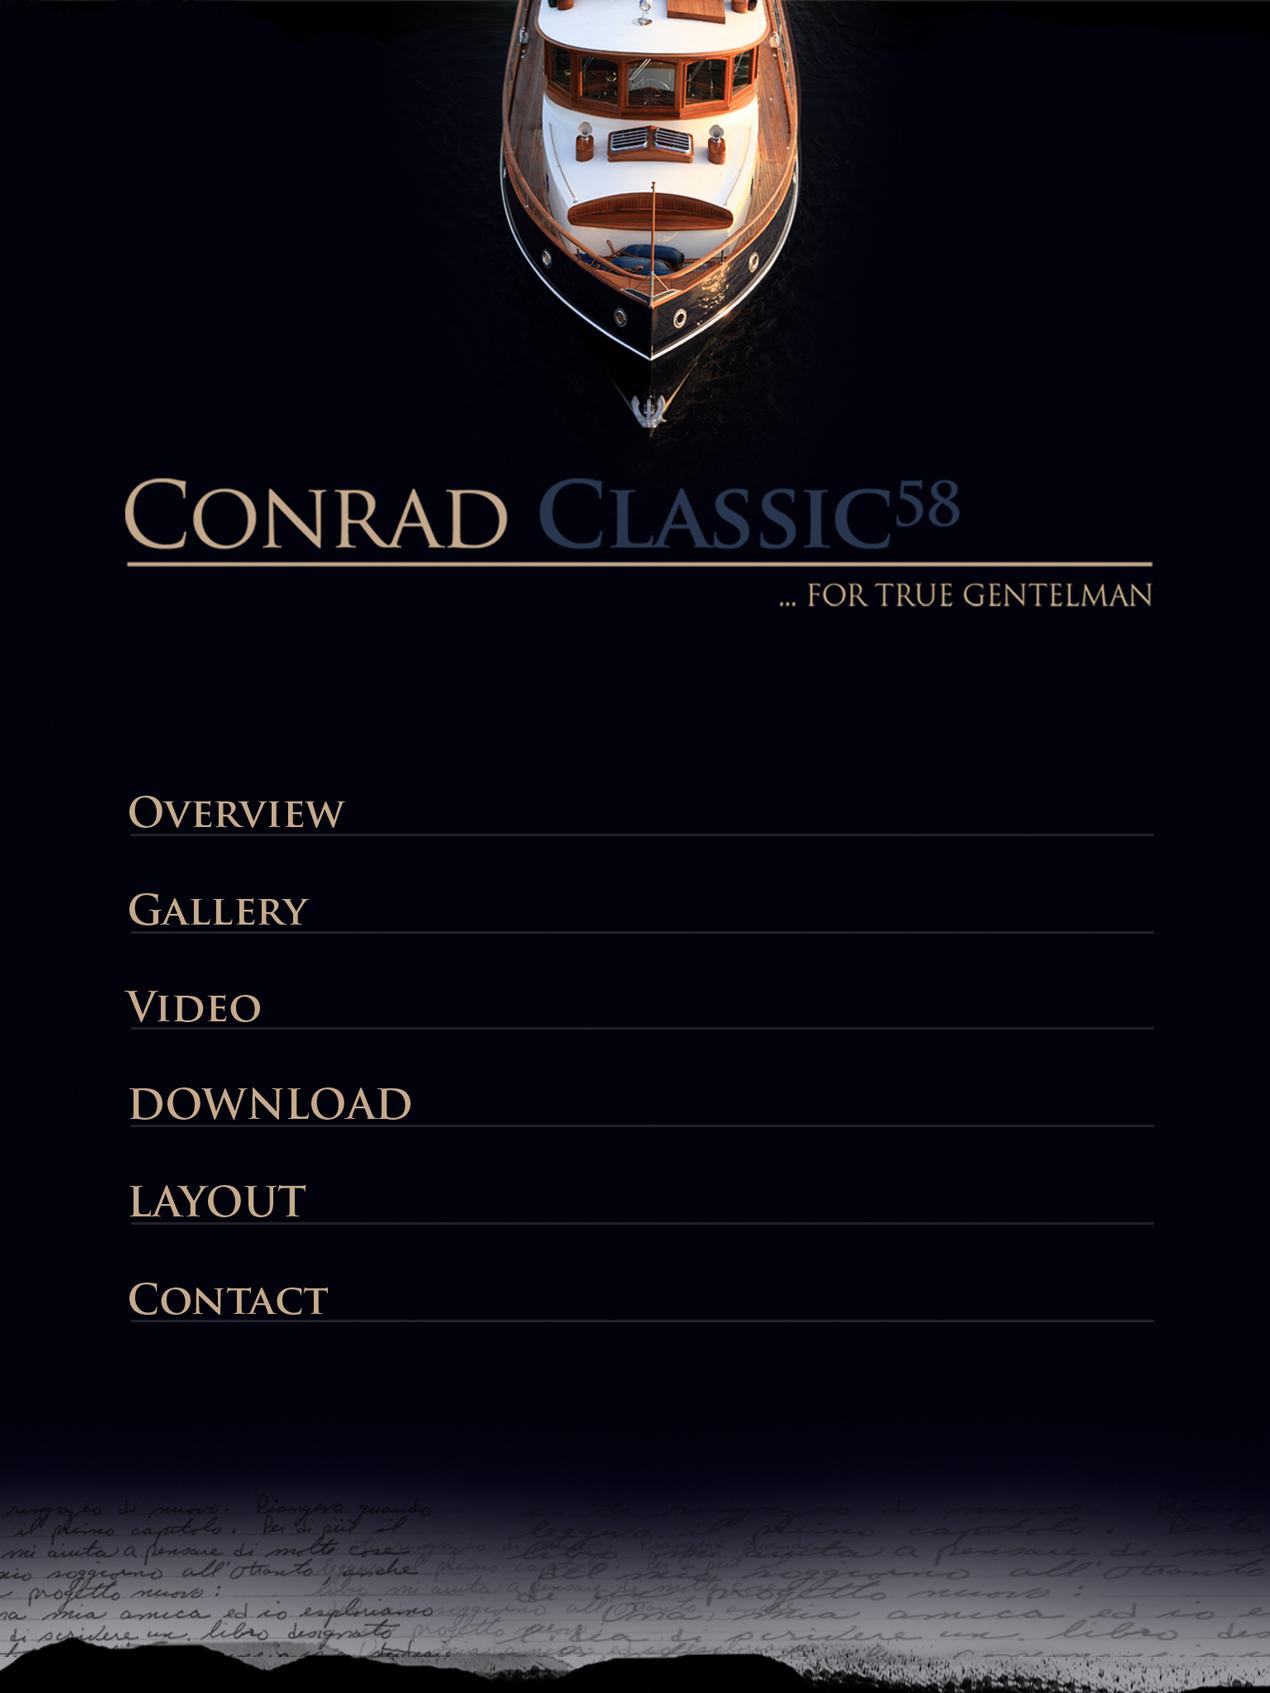 Ipad-1-menu